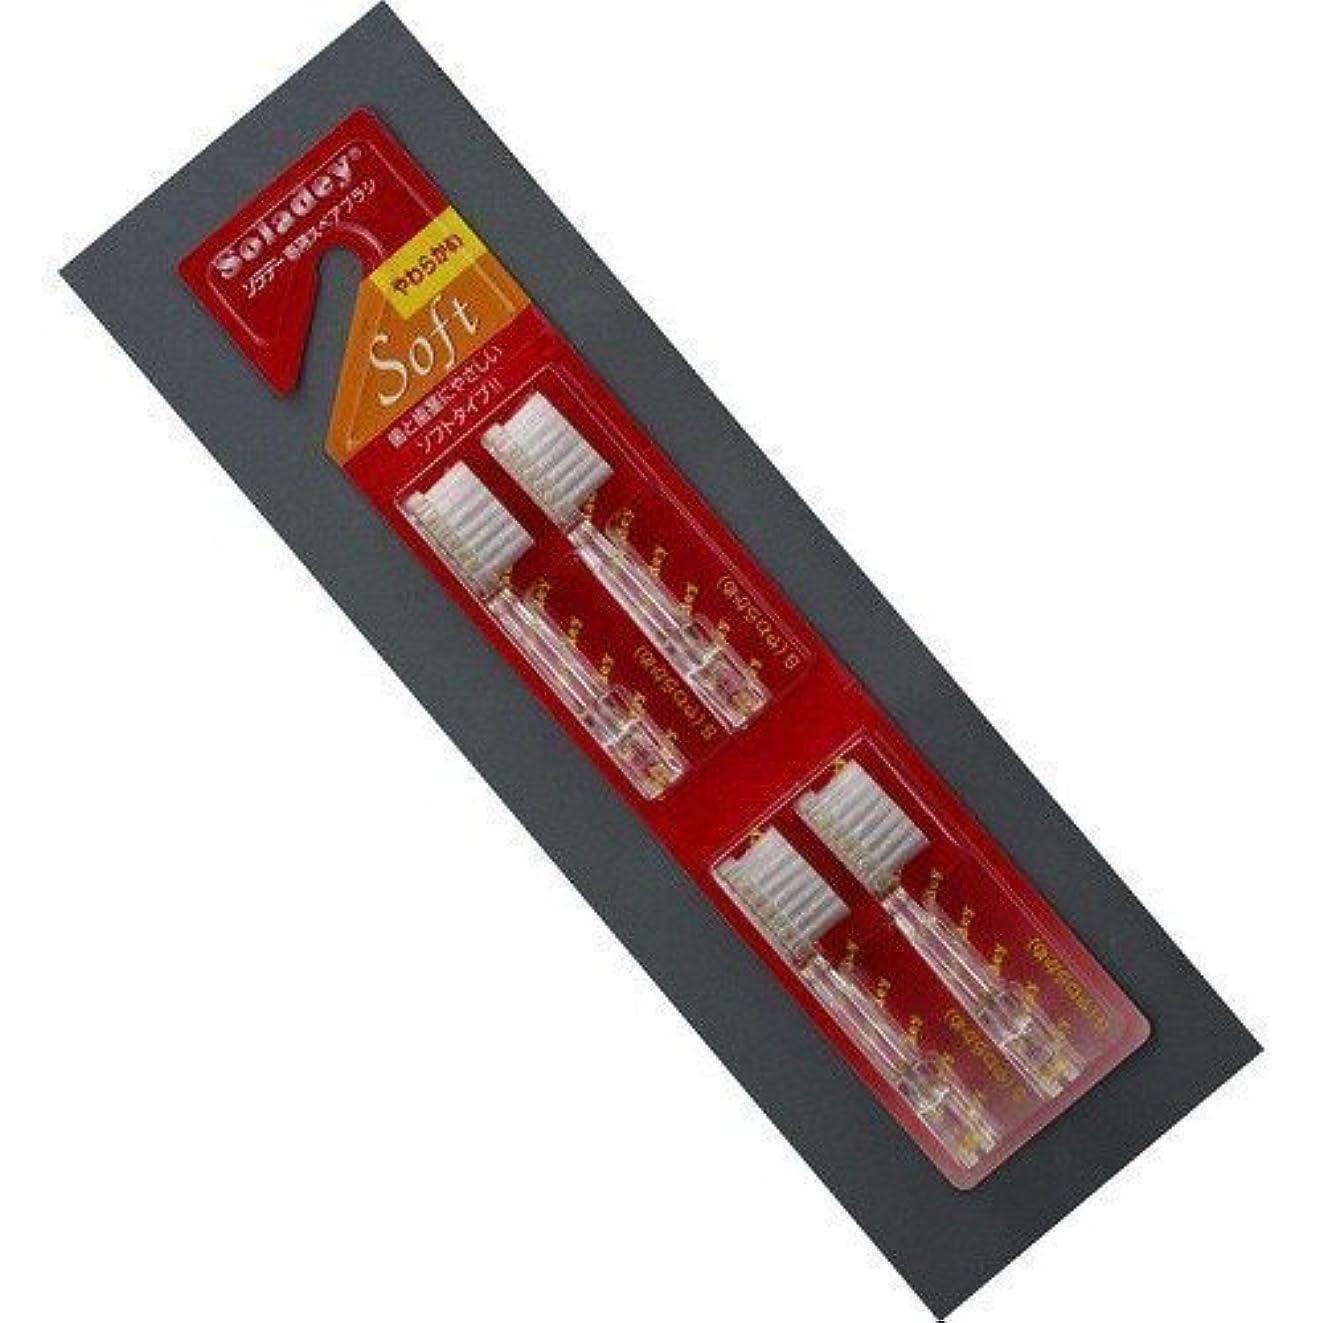 一貫した防腐剤フレットソラデー 専用スペアブラシ 4本入 S(やわらかめ)